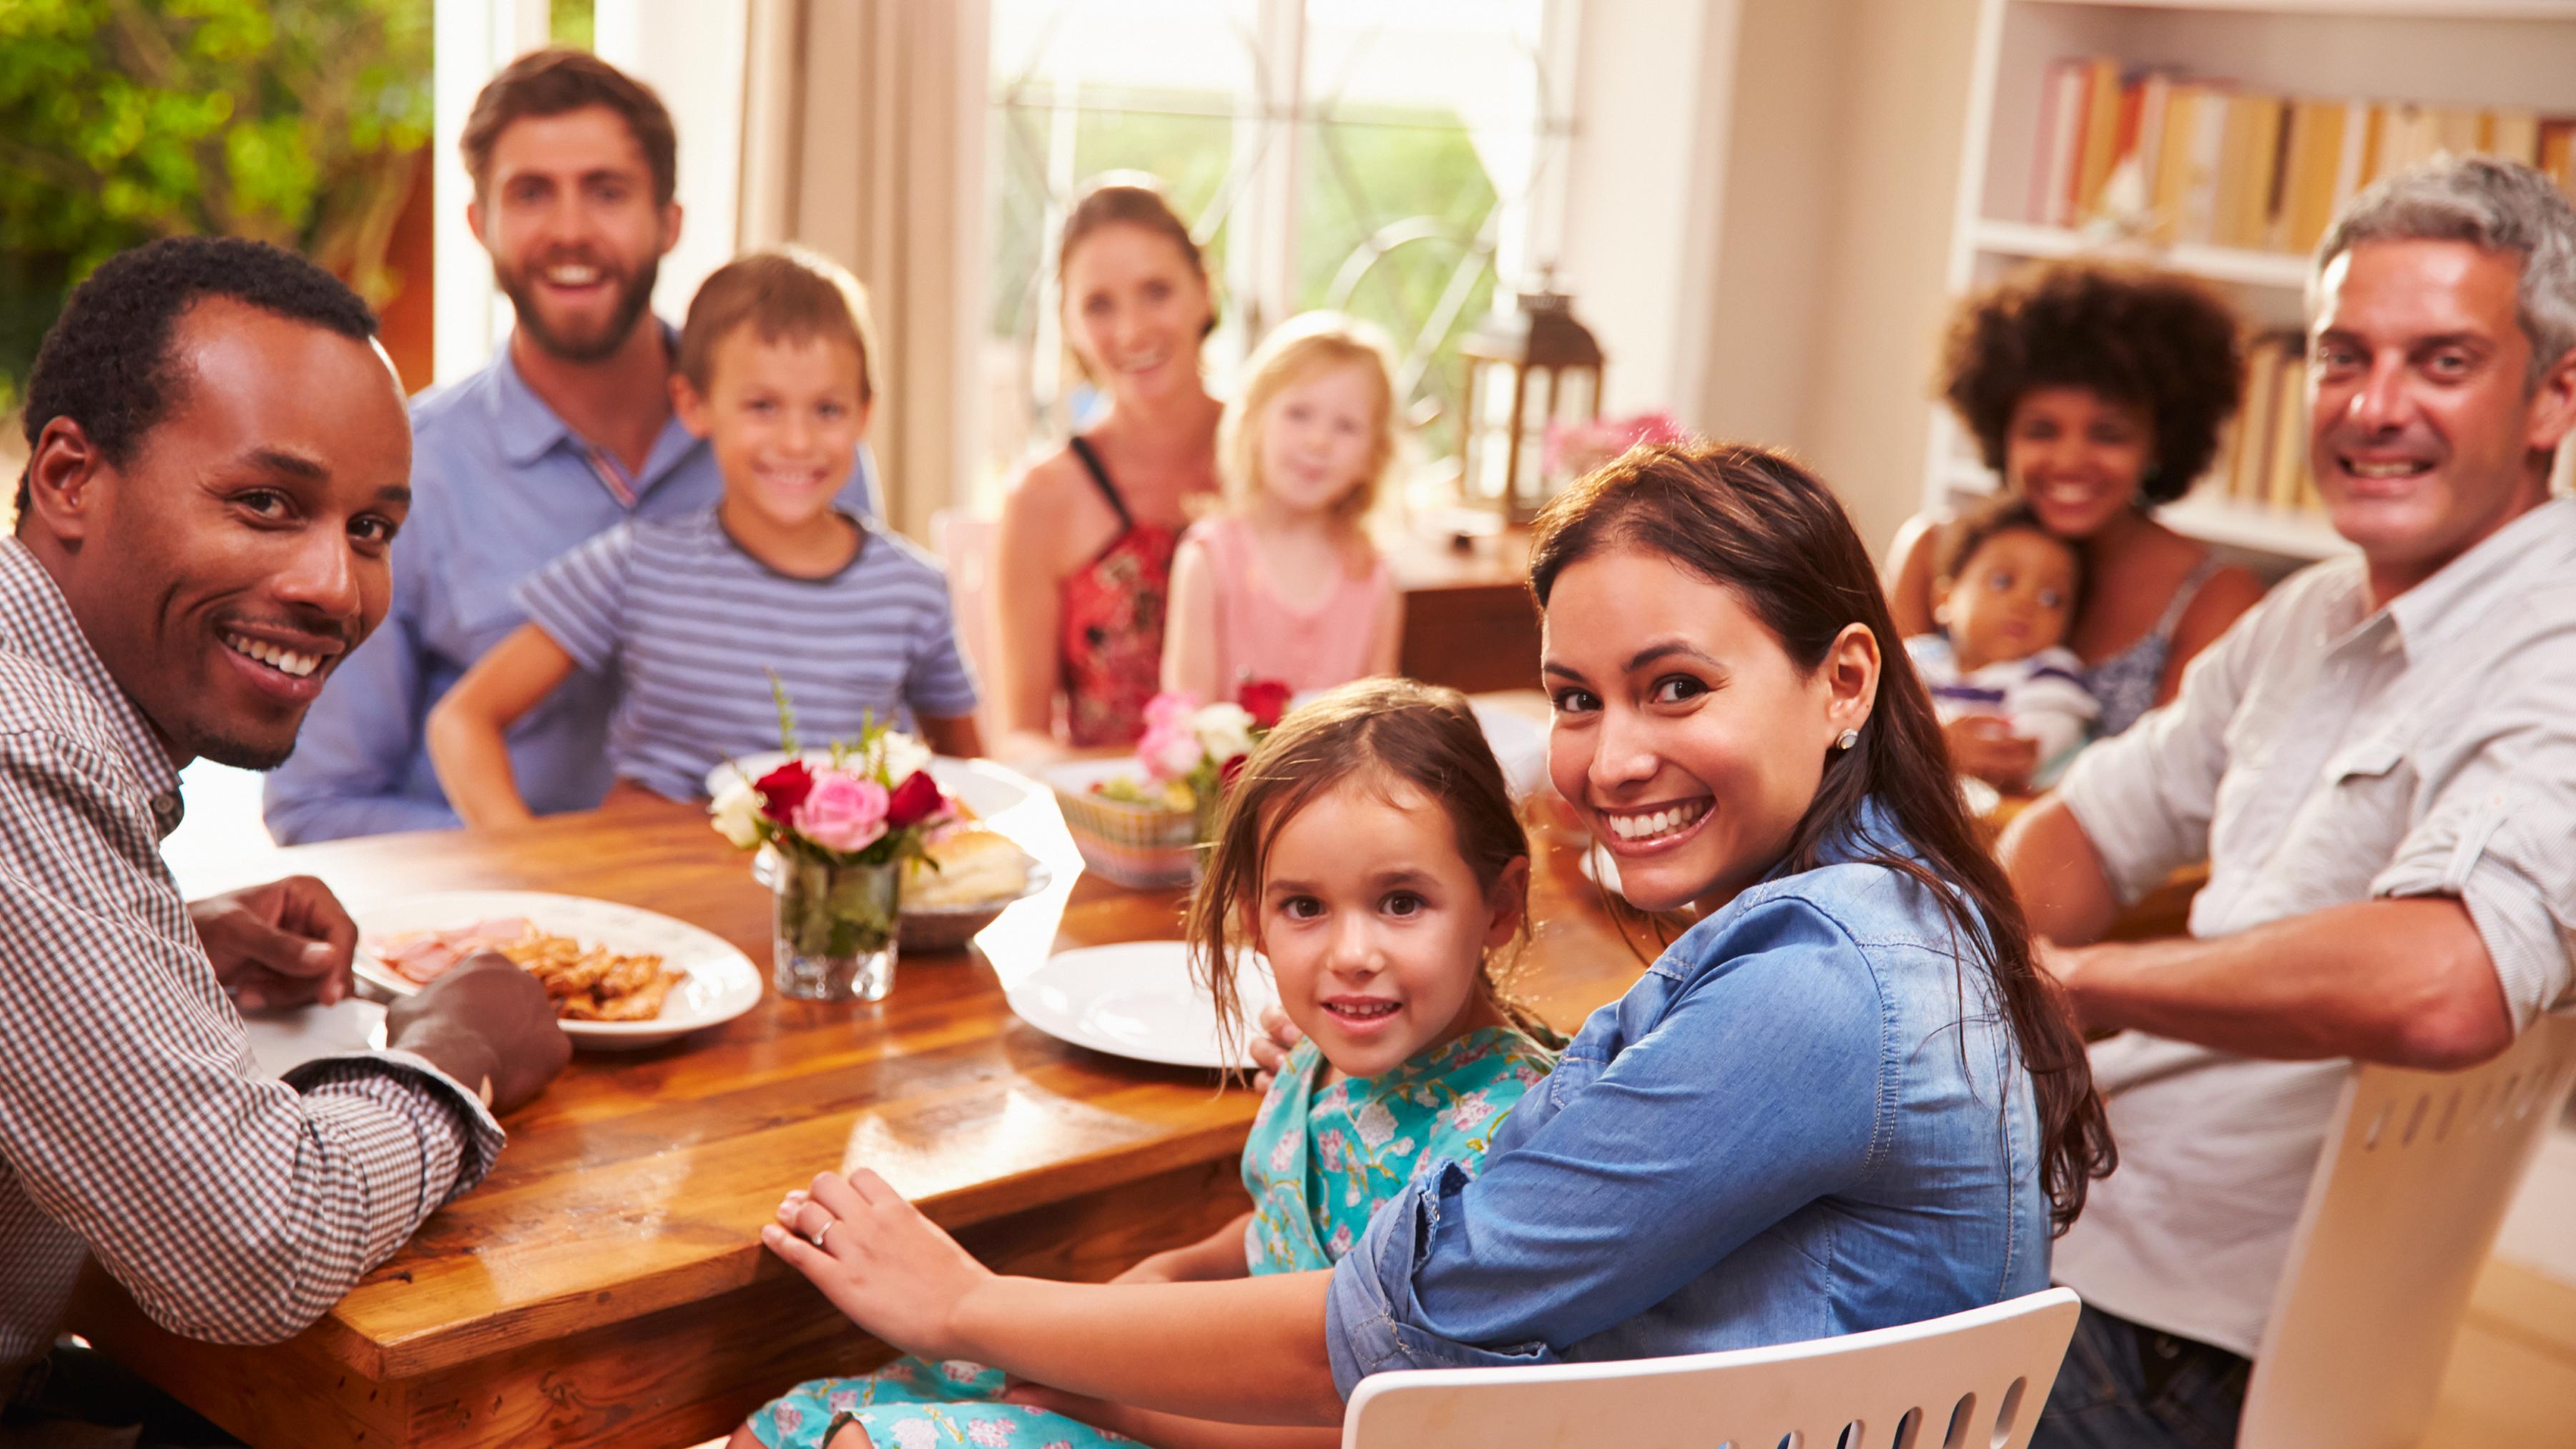 Pasa más tiempo con tu familia y amigos - 9 Claves para ser feliz